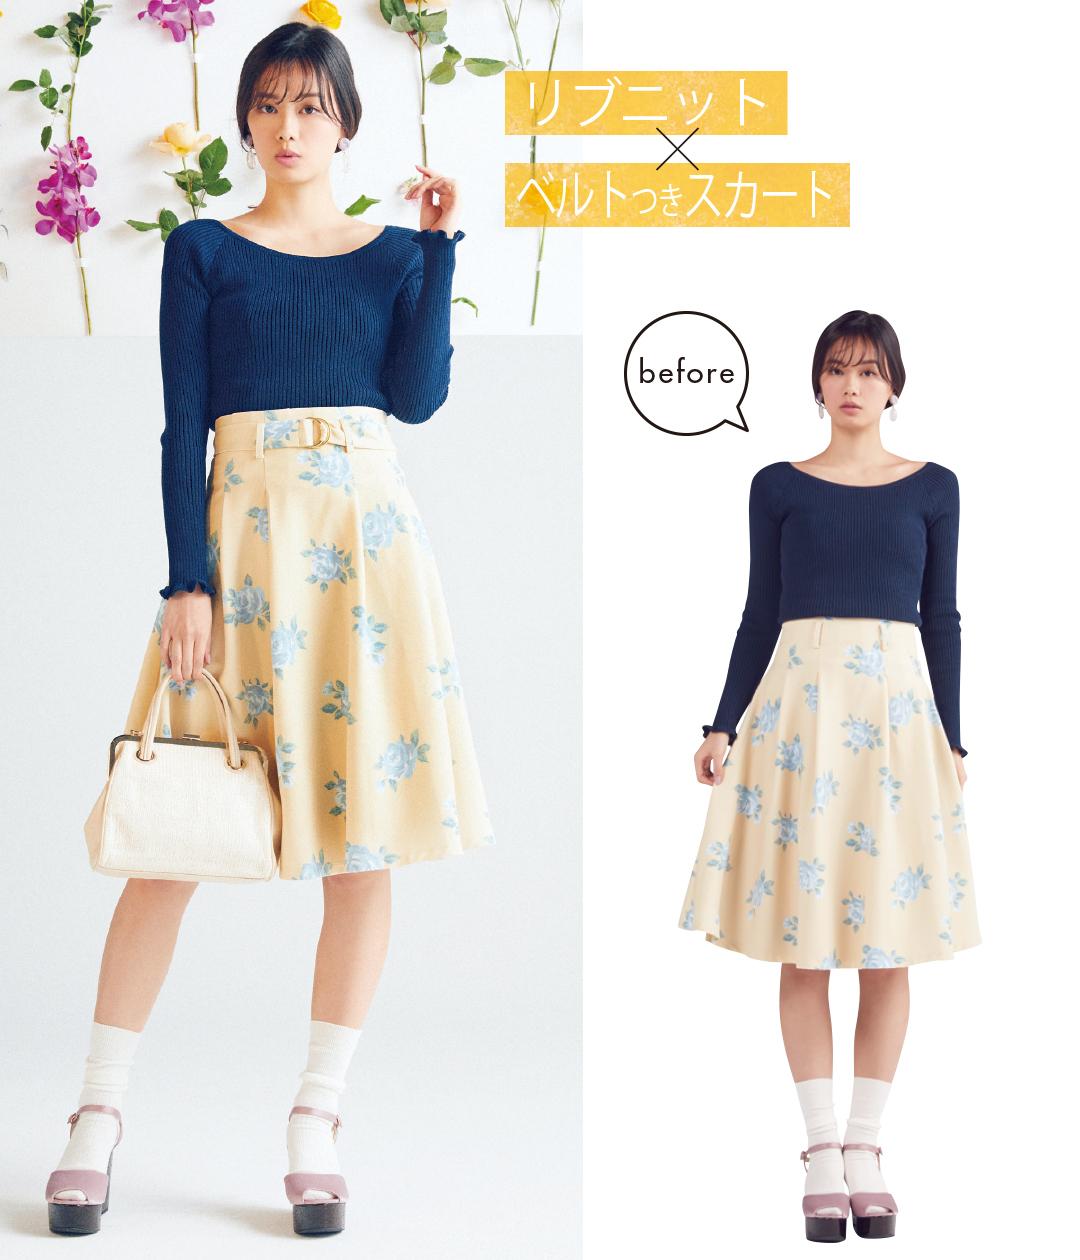 春はダズリンのベルトつき花柄スカートで簡単スタイルUP!_1_1